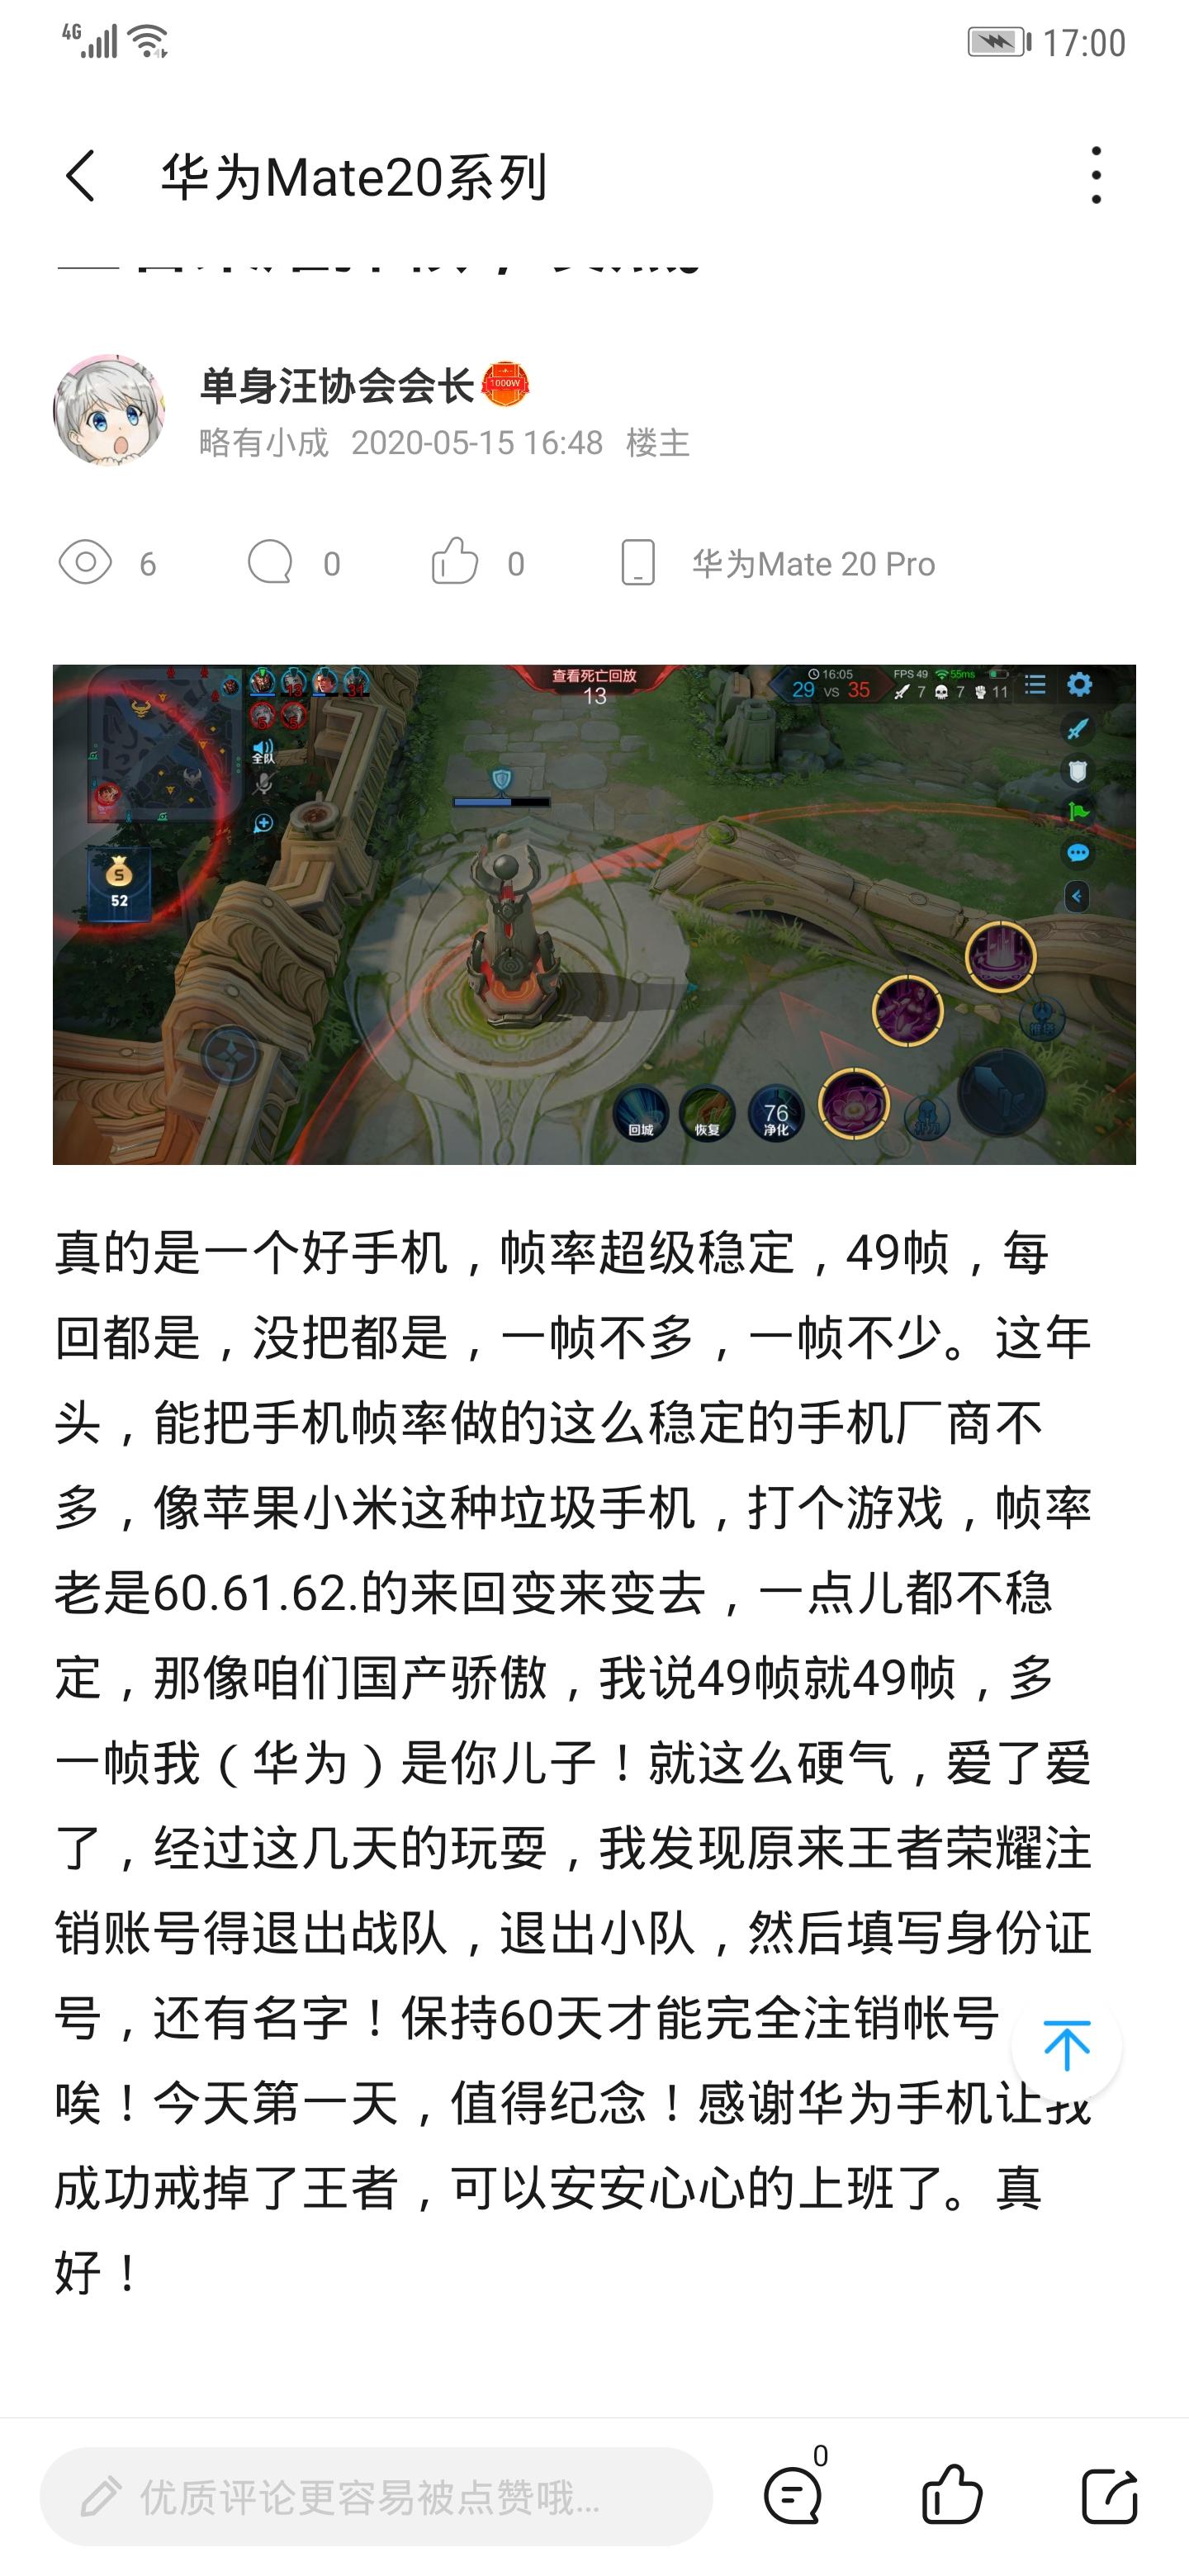 Screenshot_20200515_170044_com.huawei.fans.jpg